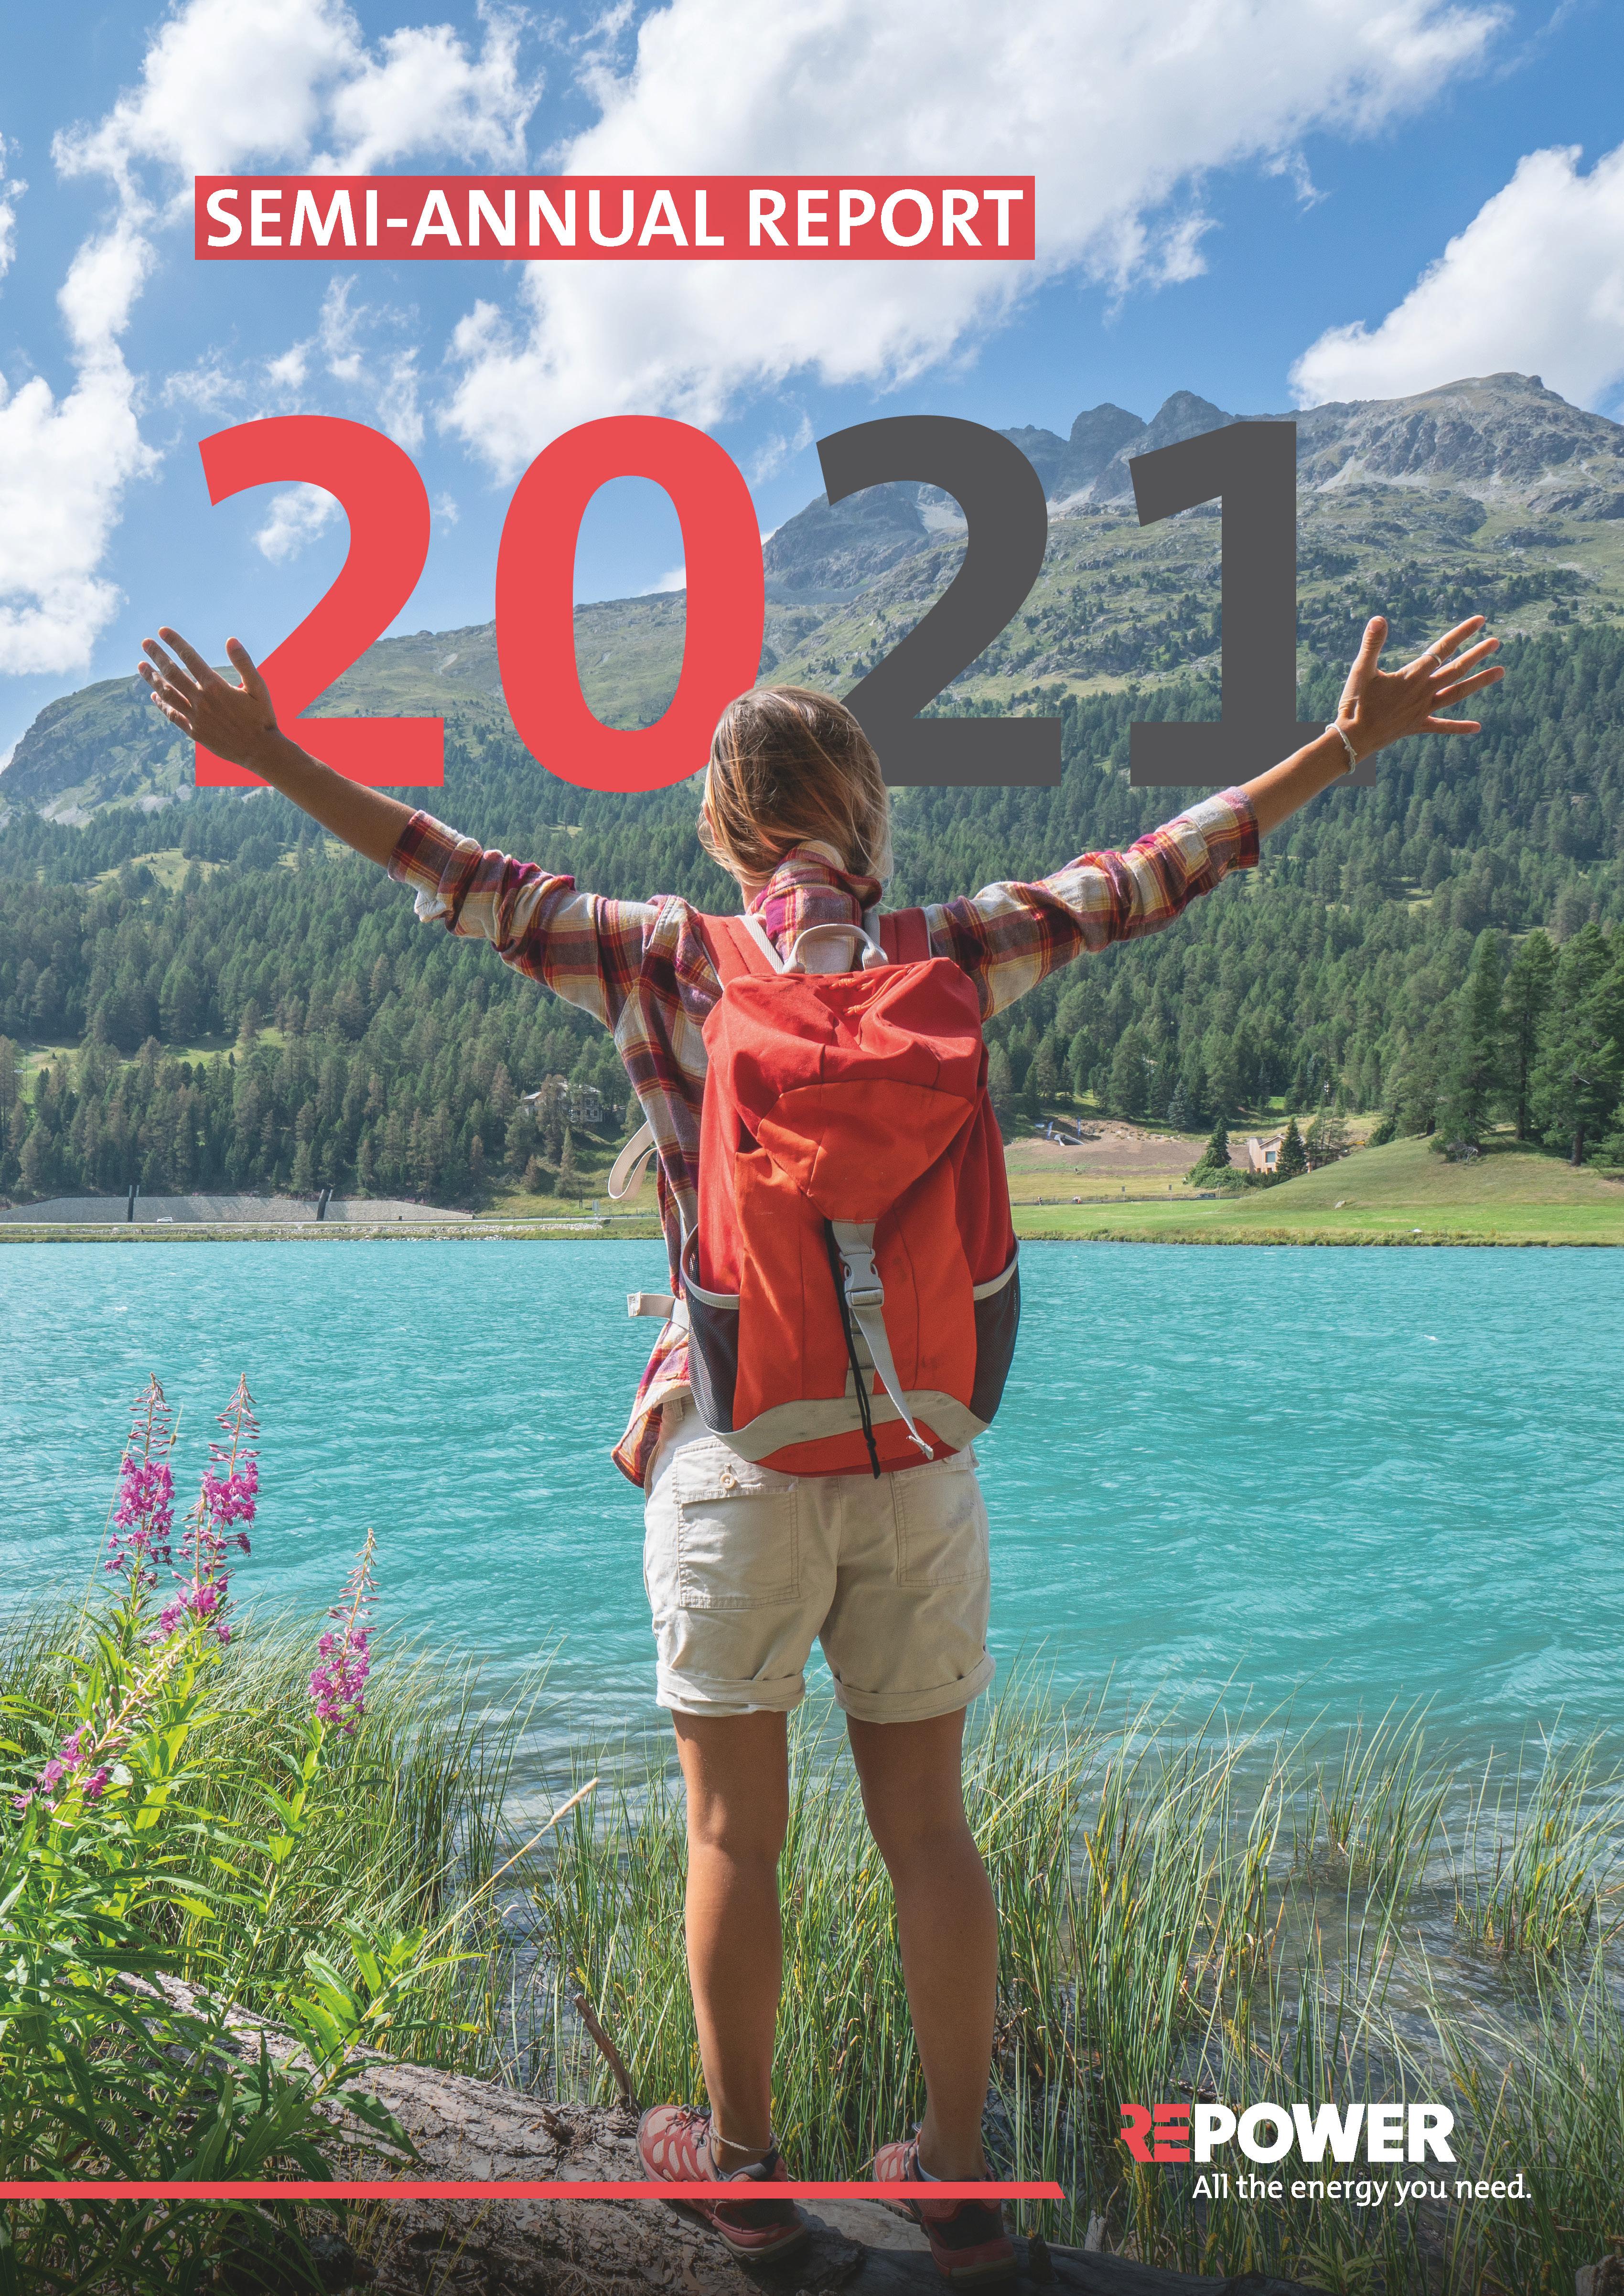 Complete Semi-Annual Report 2021 preview